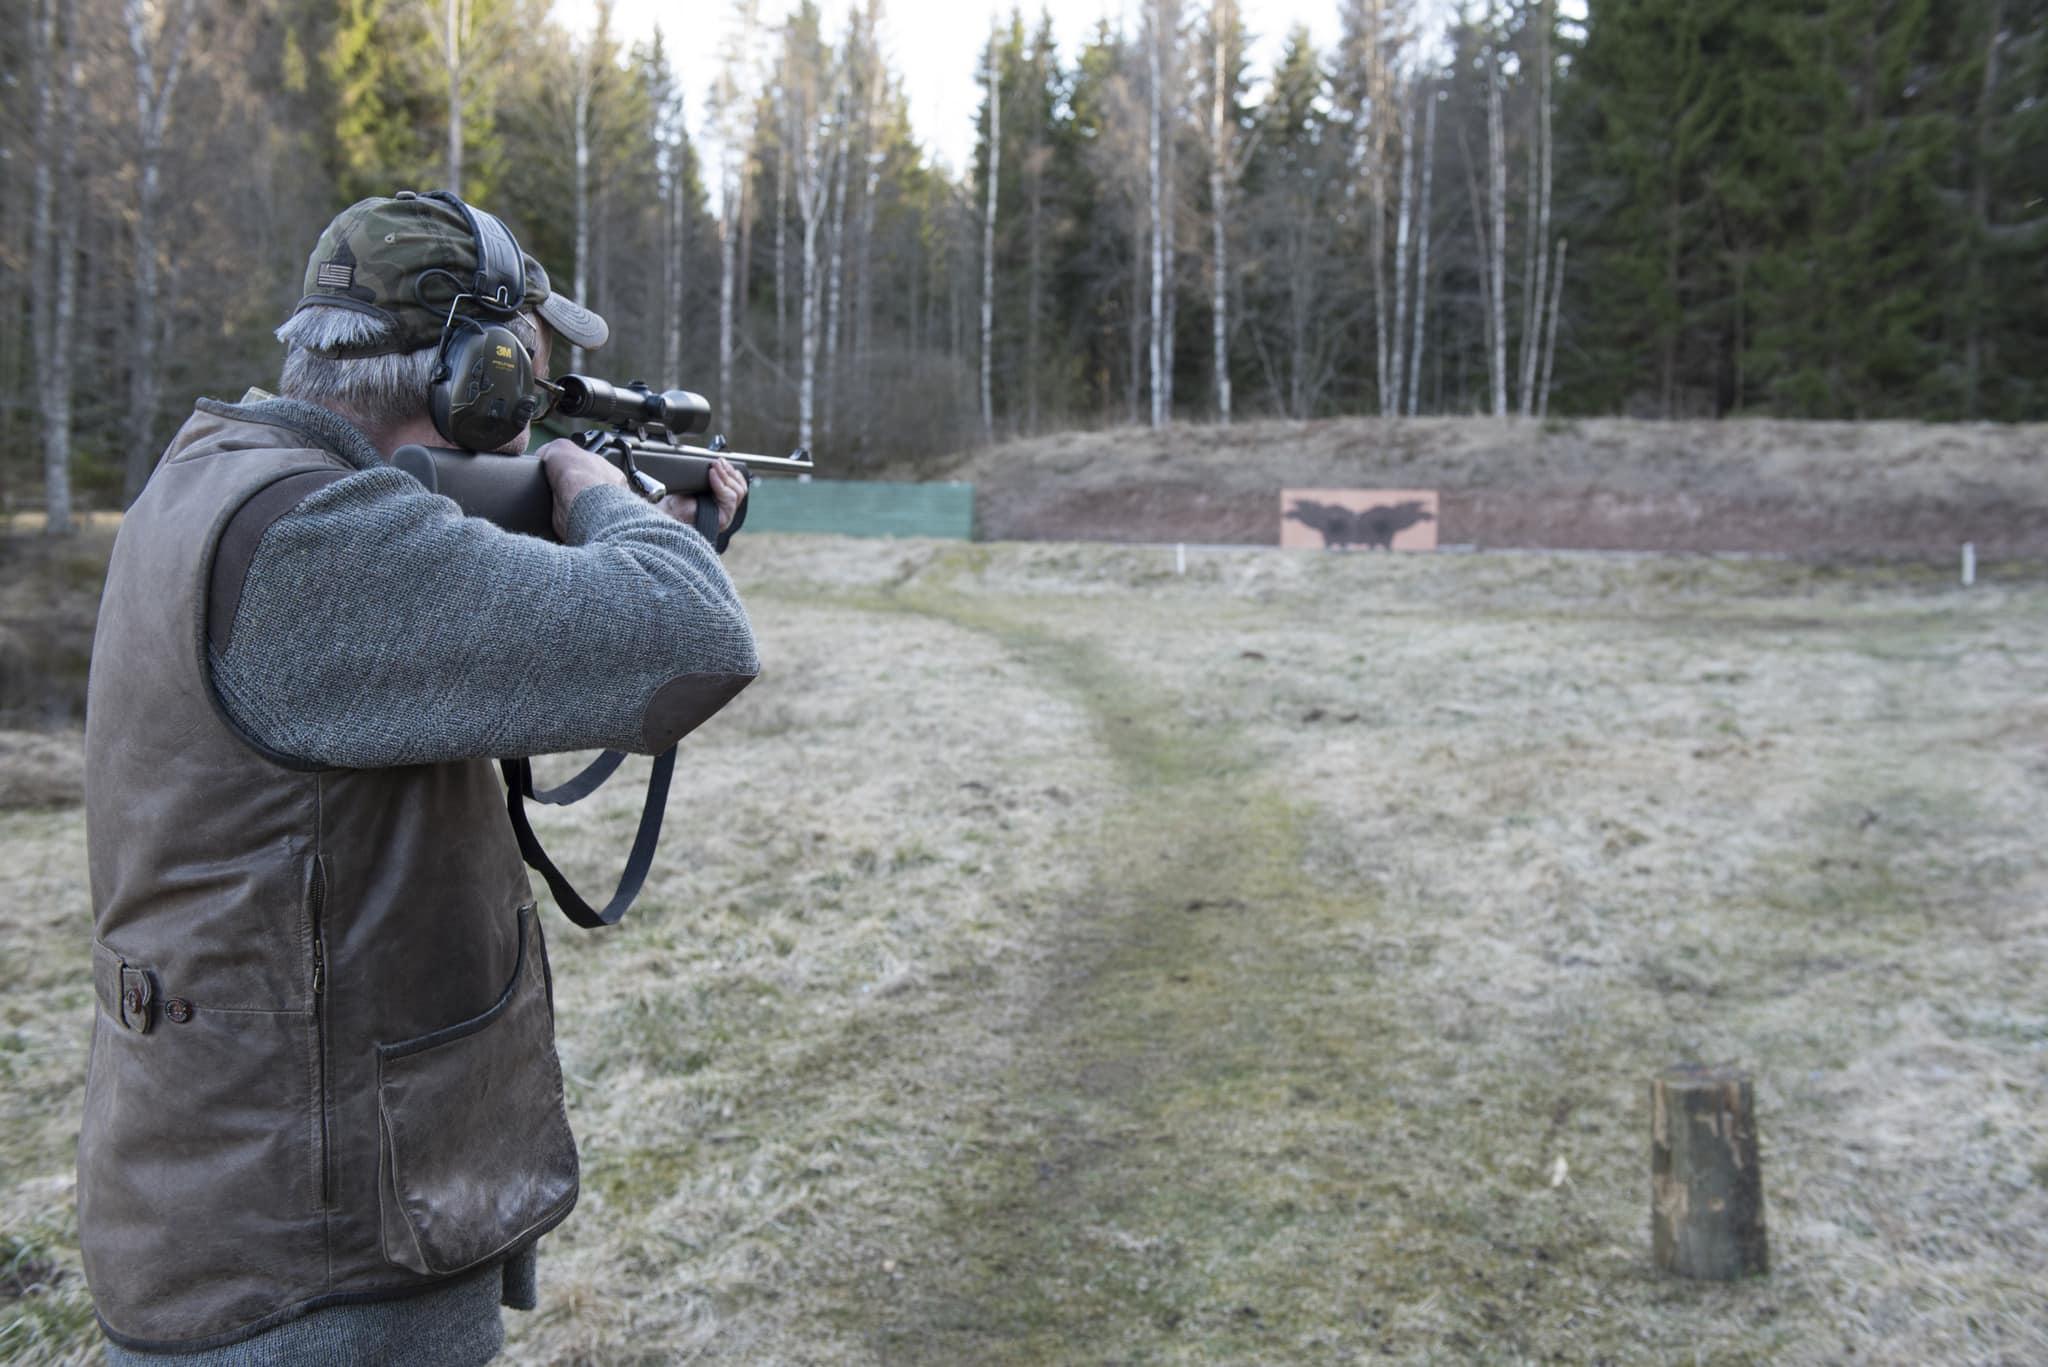 Krav på ett nytt och mer varierat älgskytteprov framförs i en motion till årsstämman. Foto: Jan Henricson